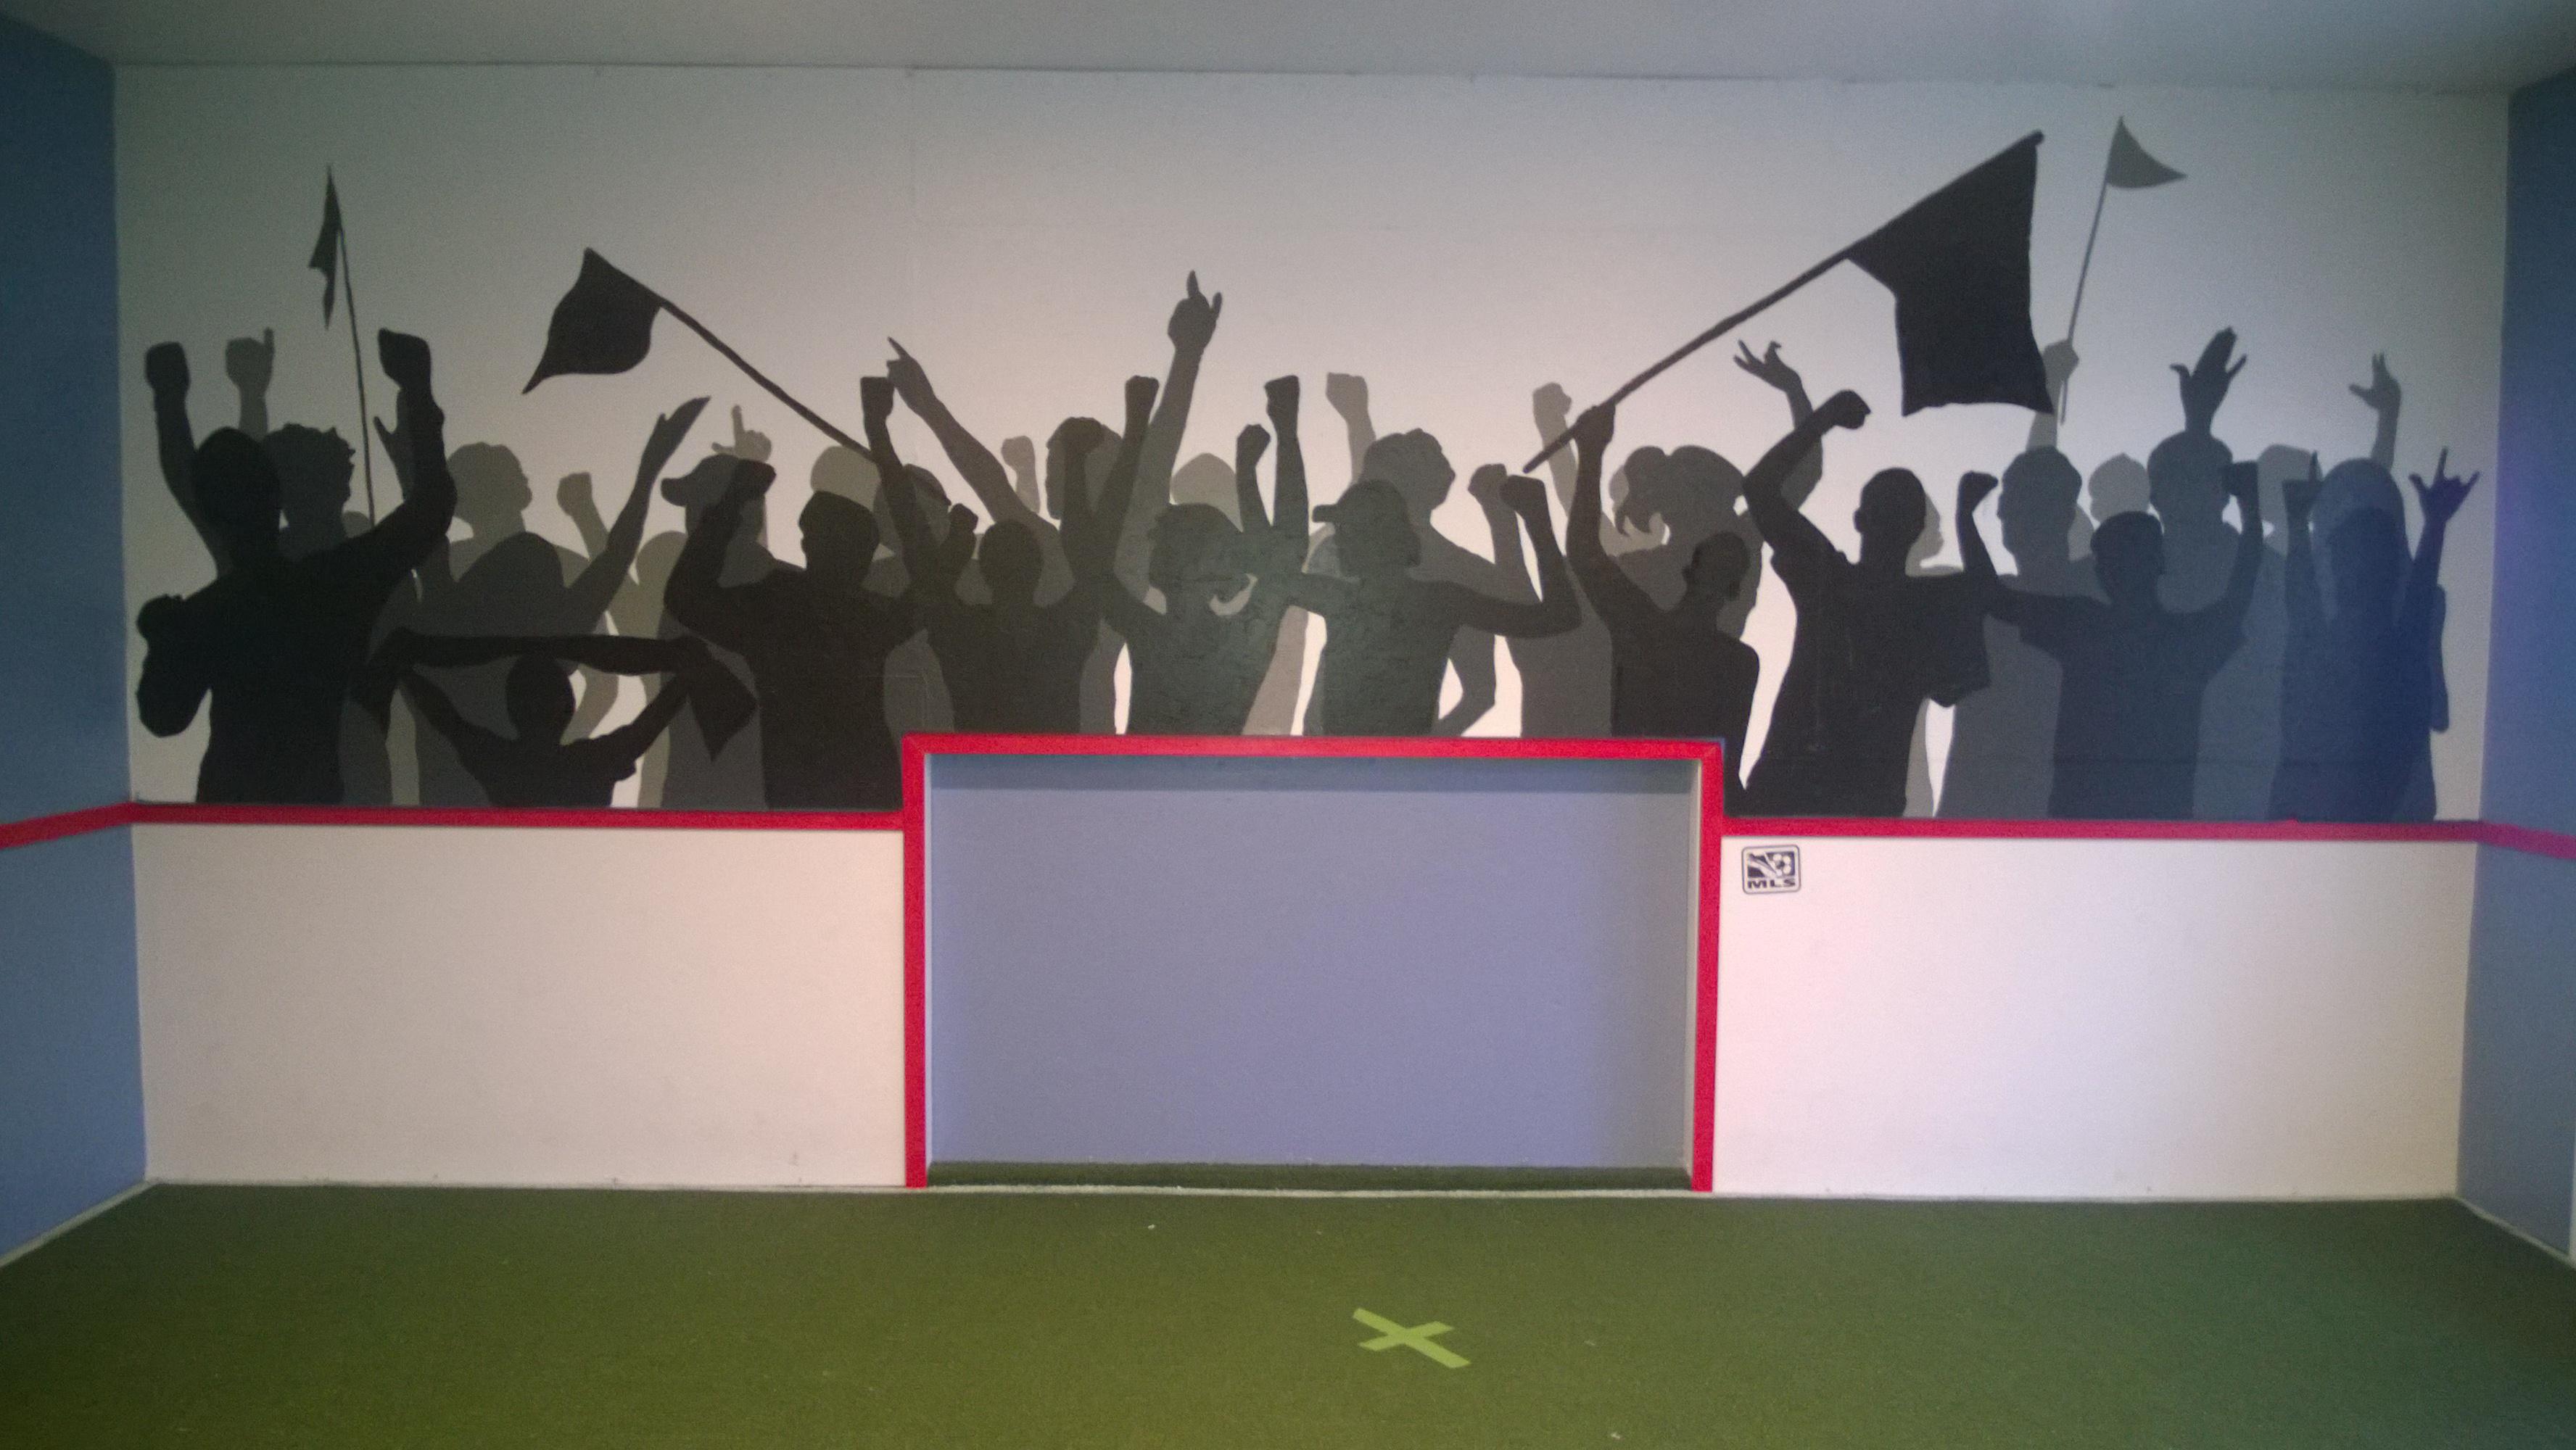 Fan Section Silhouette Mural